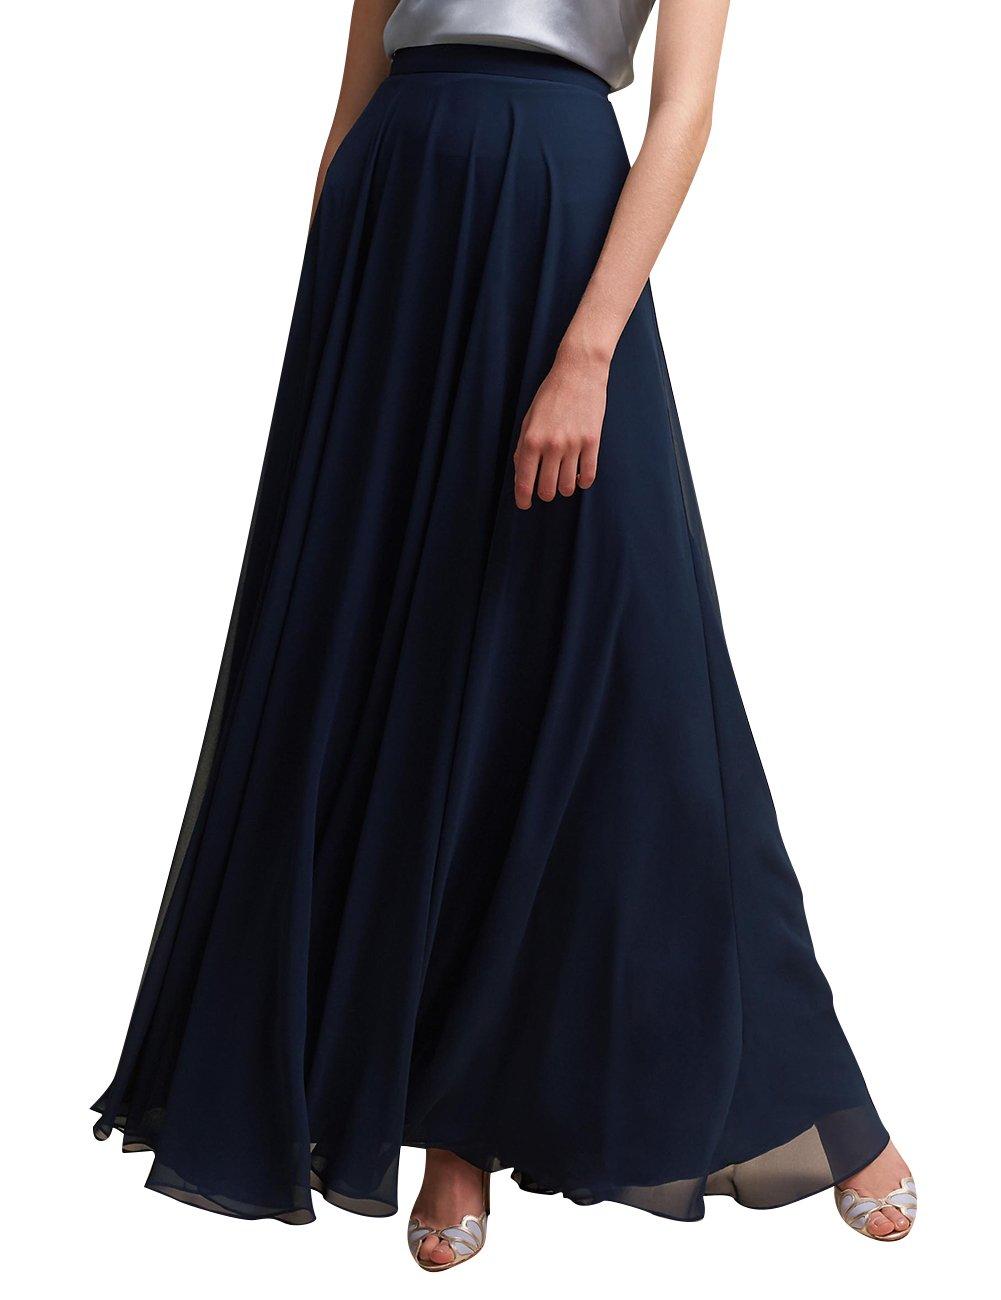 ISABUFEI Women's Bohemian High Waist Solid Full Length Beach Maxi Skirt ISA001SKIRT